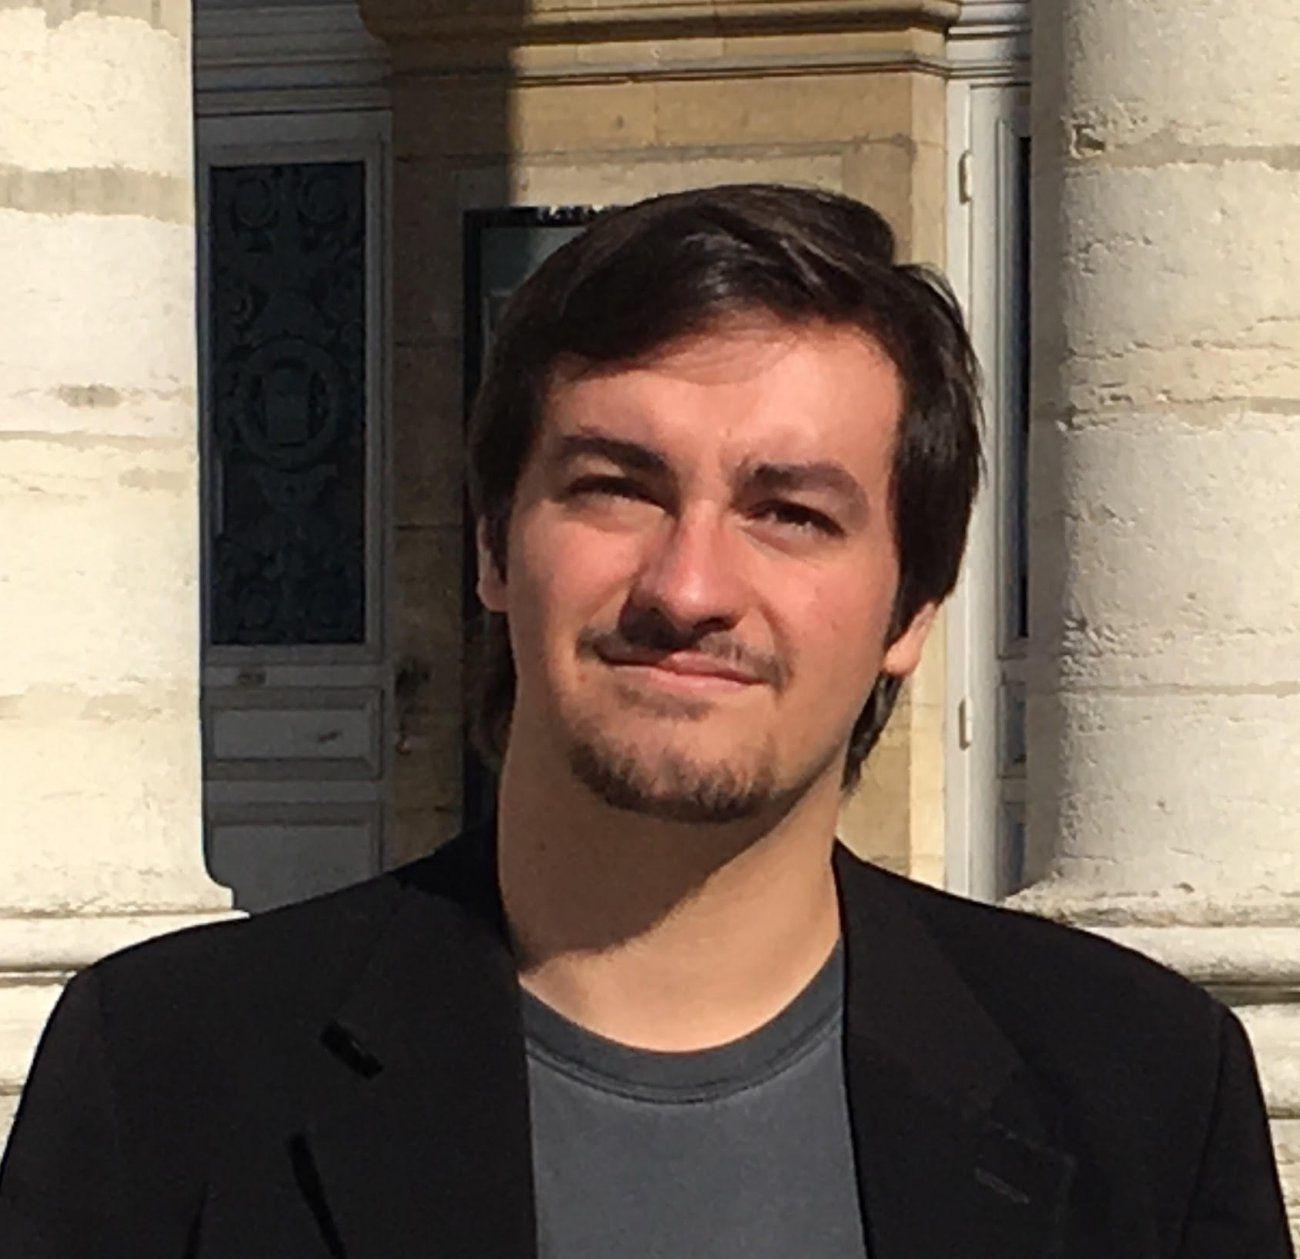 Maxime Bros, Etudiant, Responsable de la Section des Jeunes, membre du bureau régional